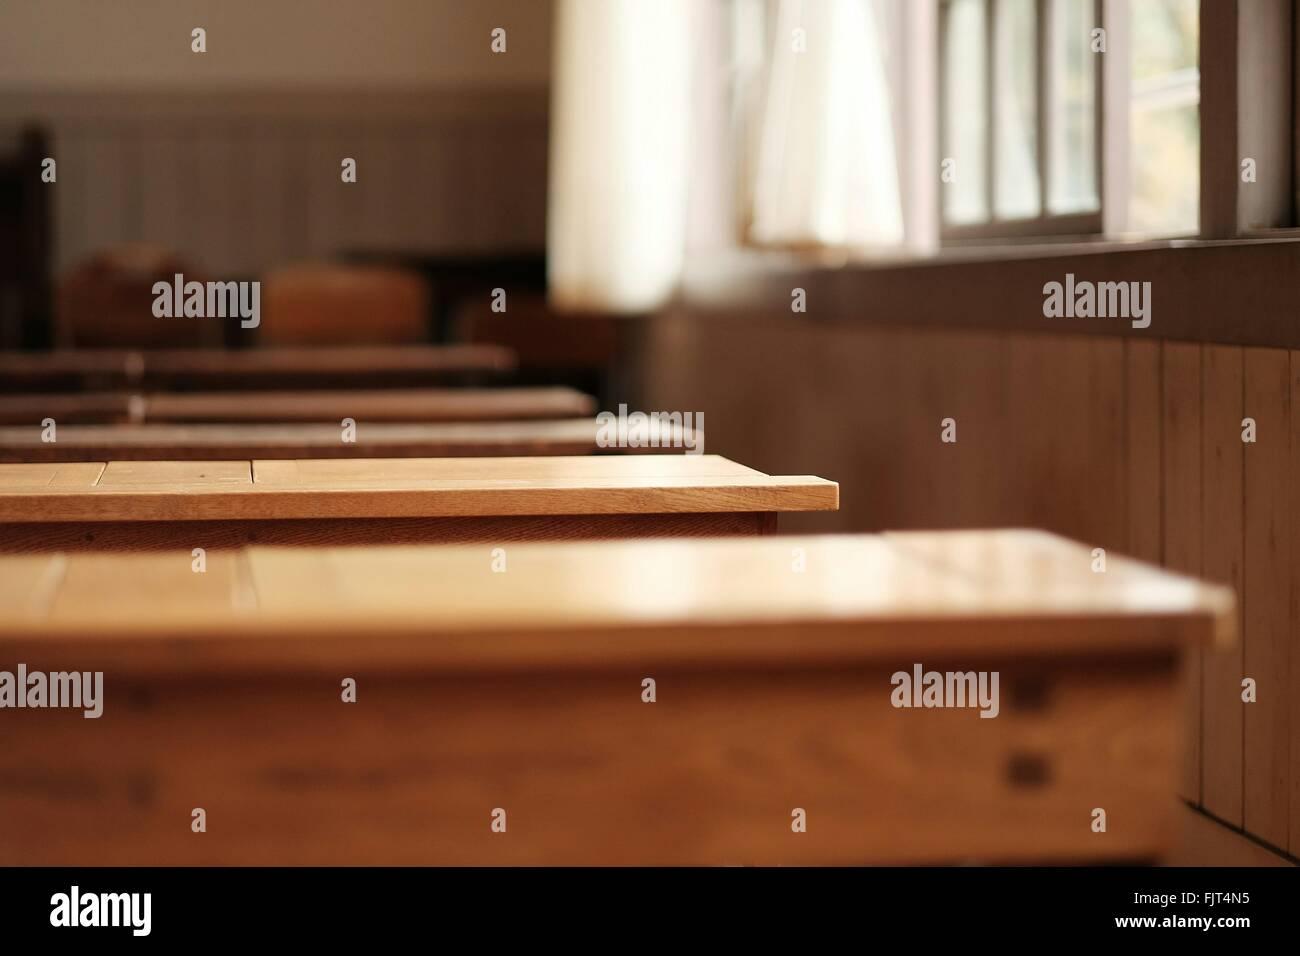 Holzbänke In der Schule Stockfoto, Bild: 97646225 - Alamy